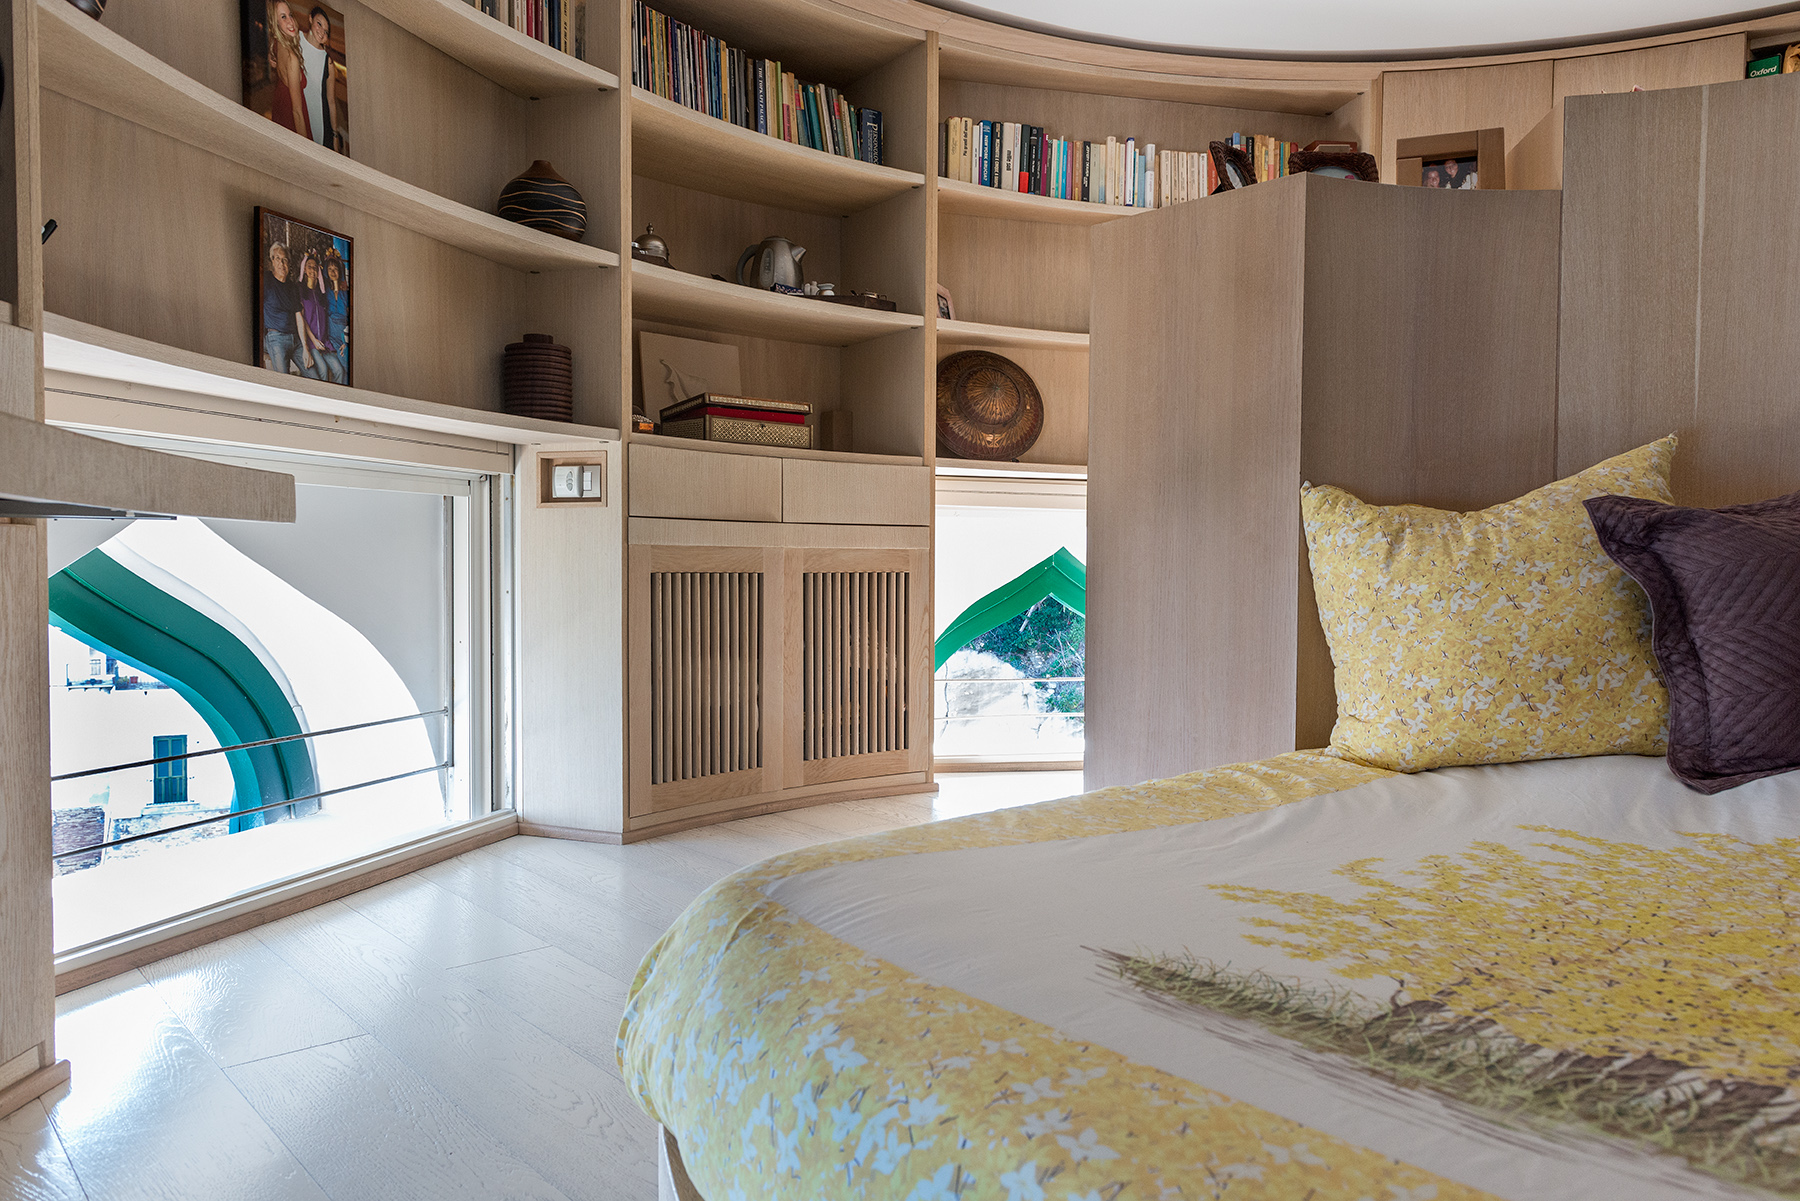 Villa in Vendita a Napoli: 5 locali, 220 mq - Foto 11